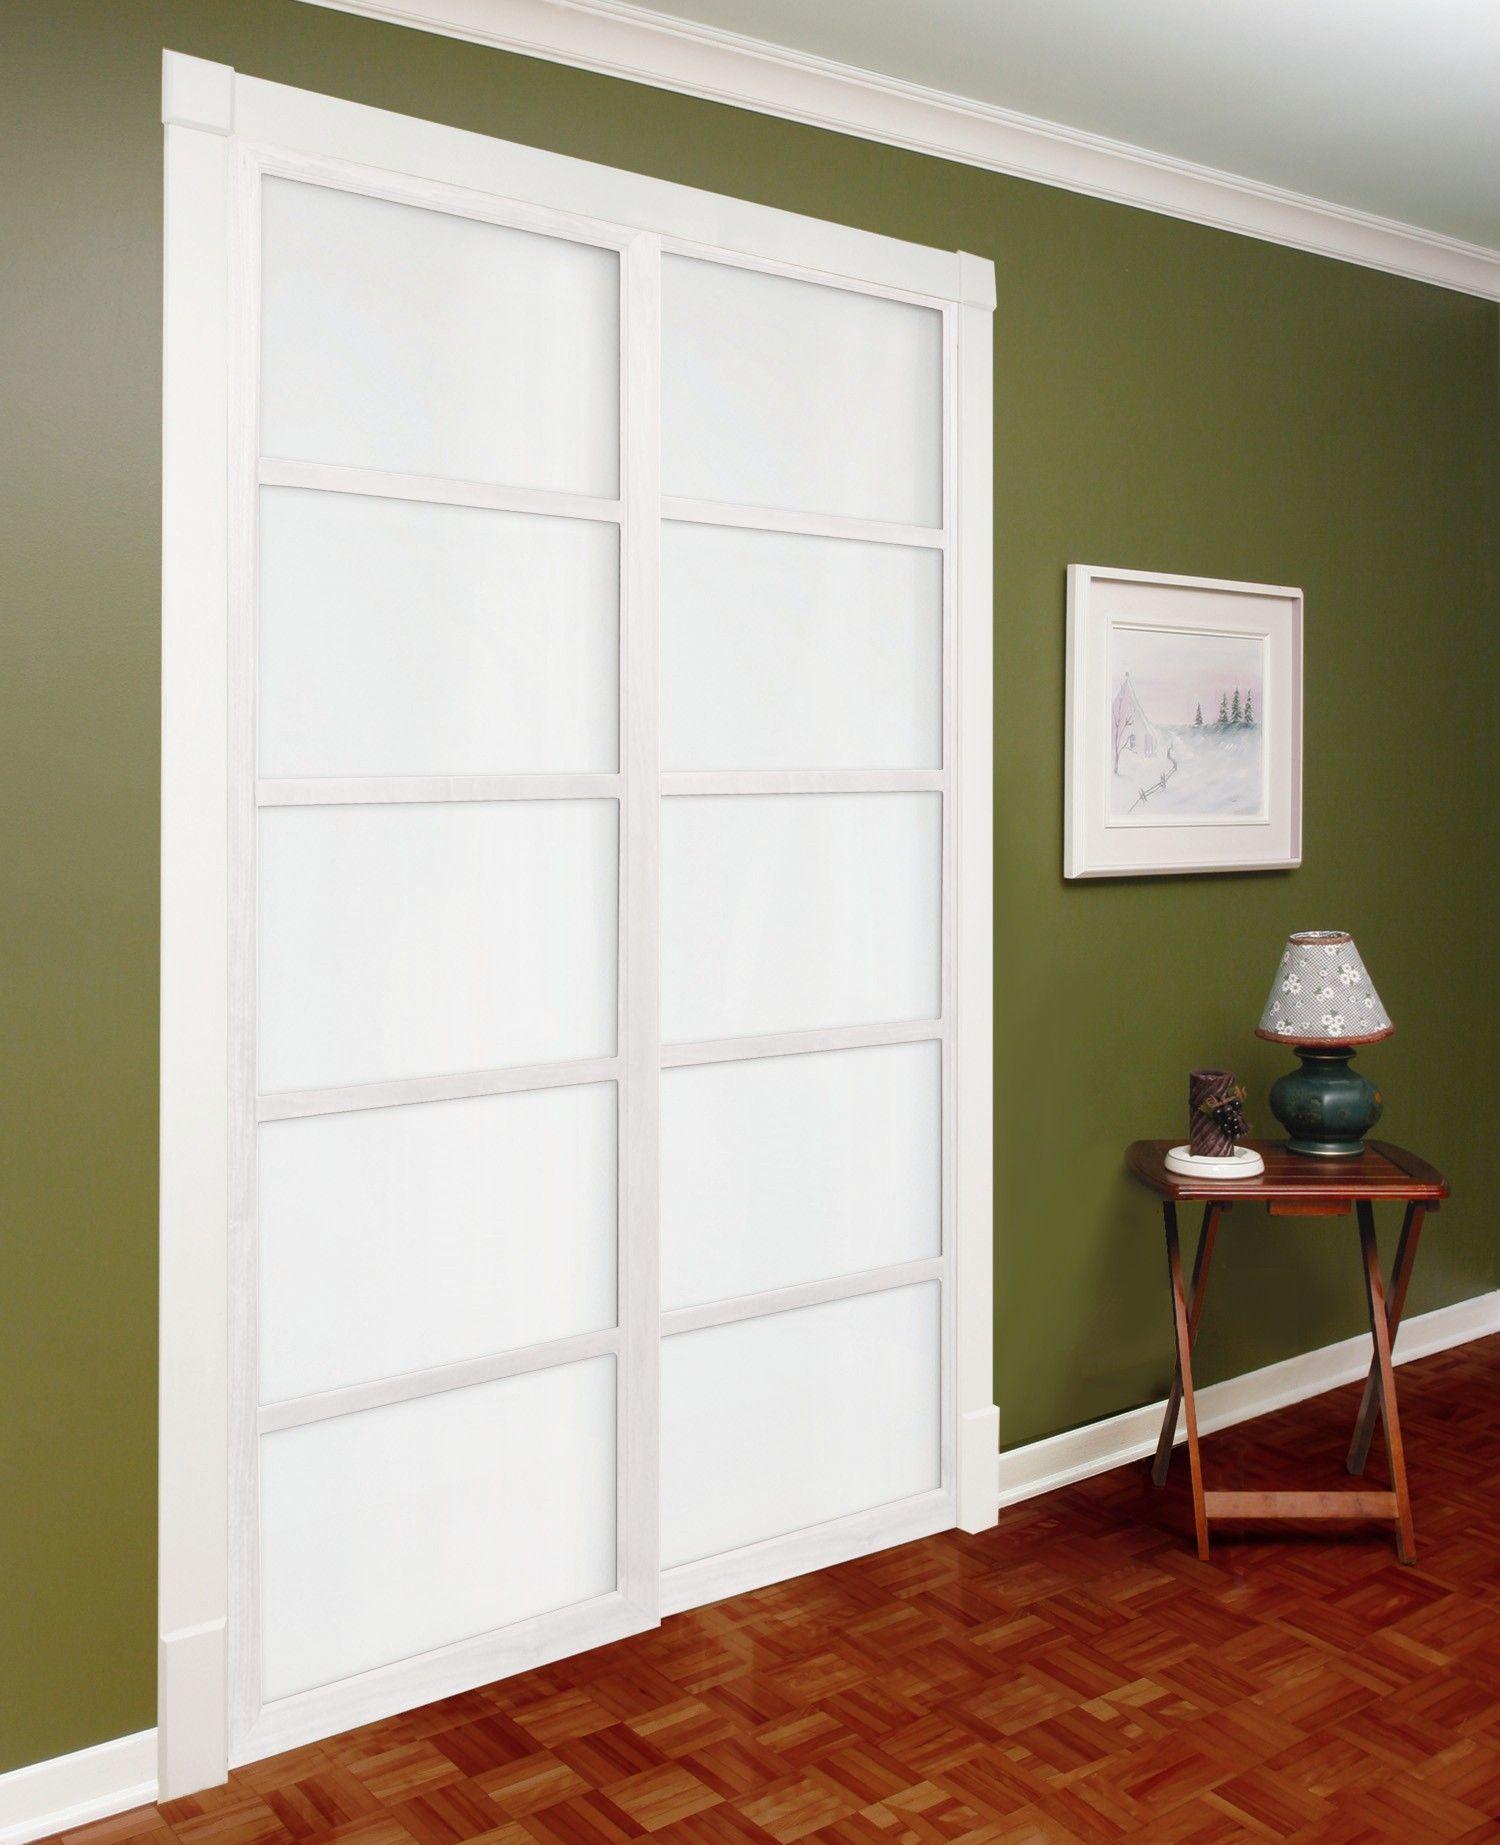 optimisez votre espace avec spacer rangement sur mesure garde robe walk in rangement pour garage lits escamotables et portes coulissantes